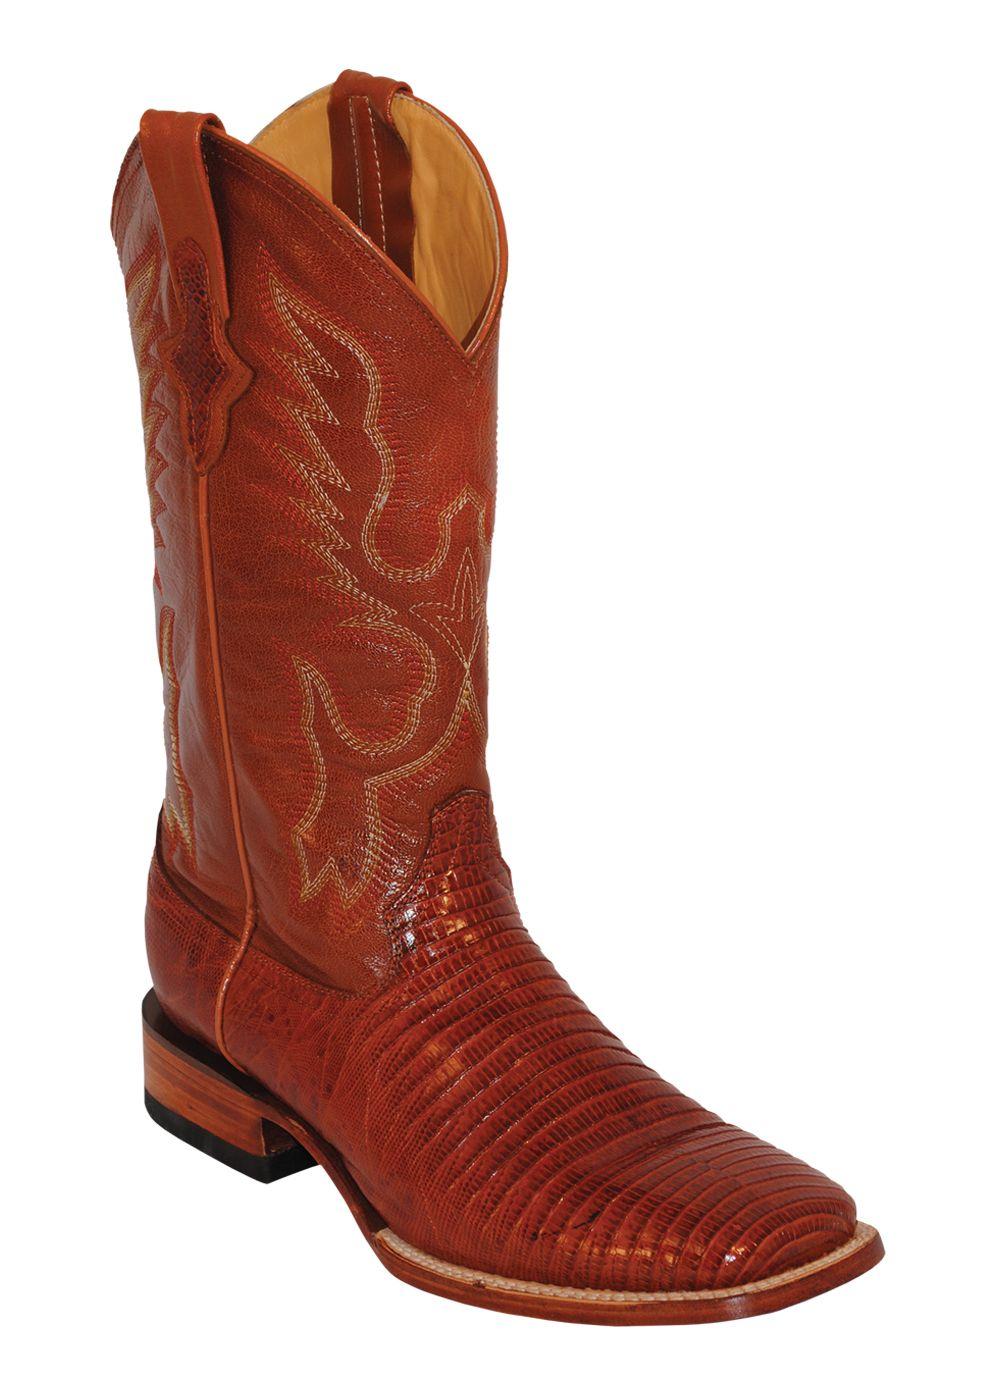 Ferrini USA Men's Peanut Teju Lizard Boots